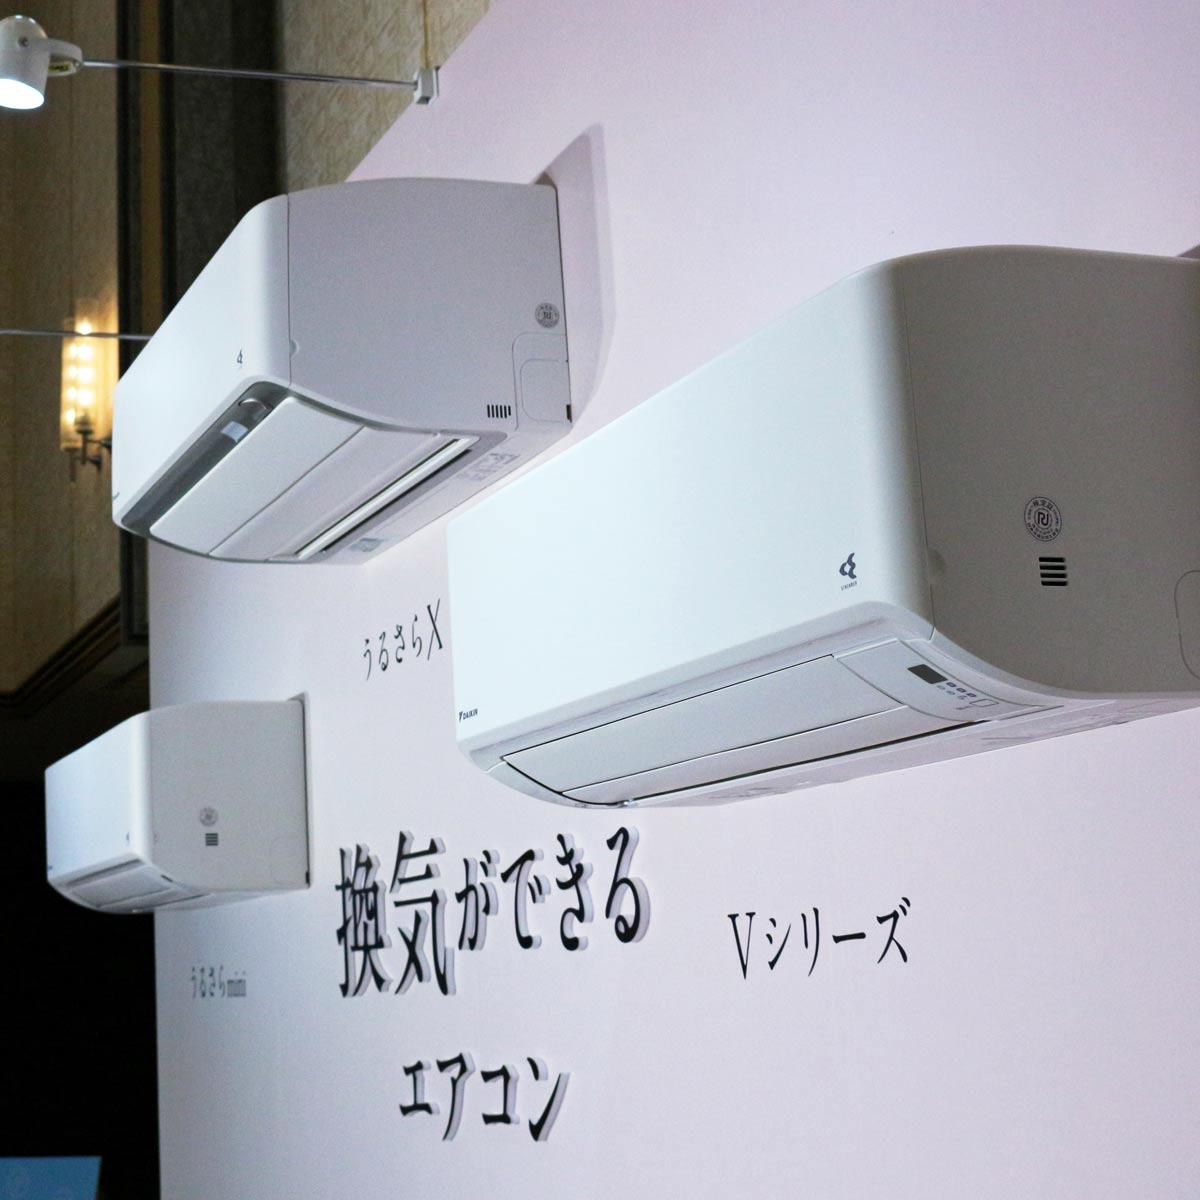 """ダイキンの""""換気ができる""""エアコンがラインアップ拡充!操作性が向上し、より使いやすく便利に"""